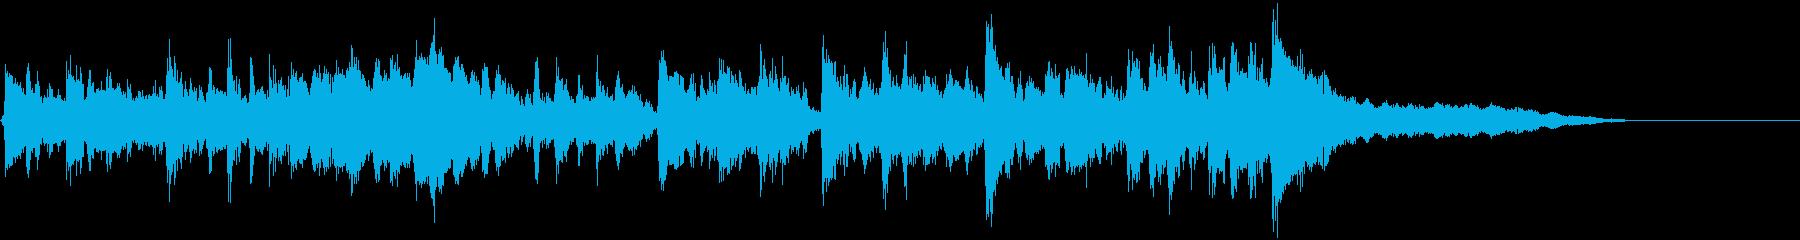 ジングル20秒フォークダンスポルカ民族的の再生済みの波形